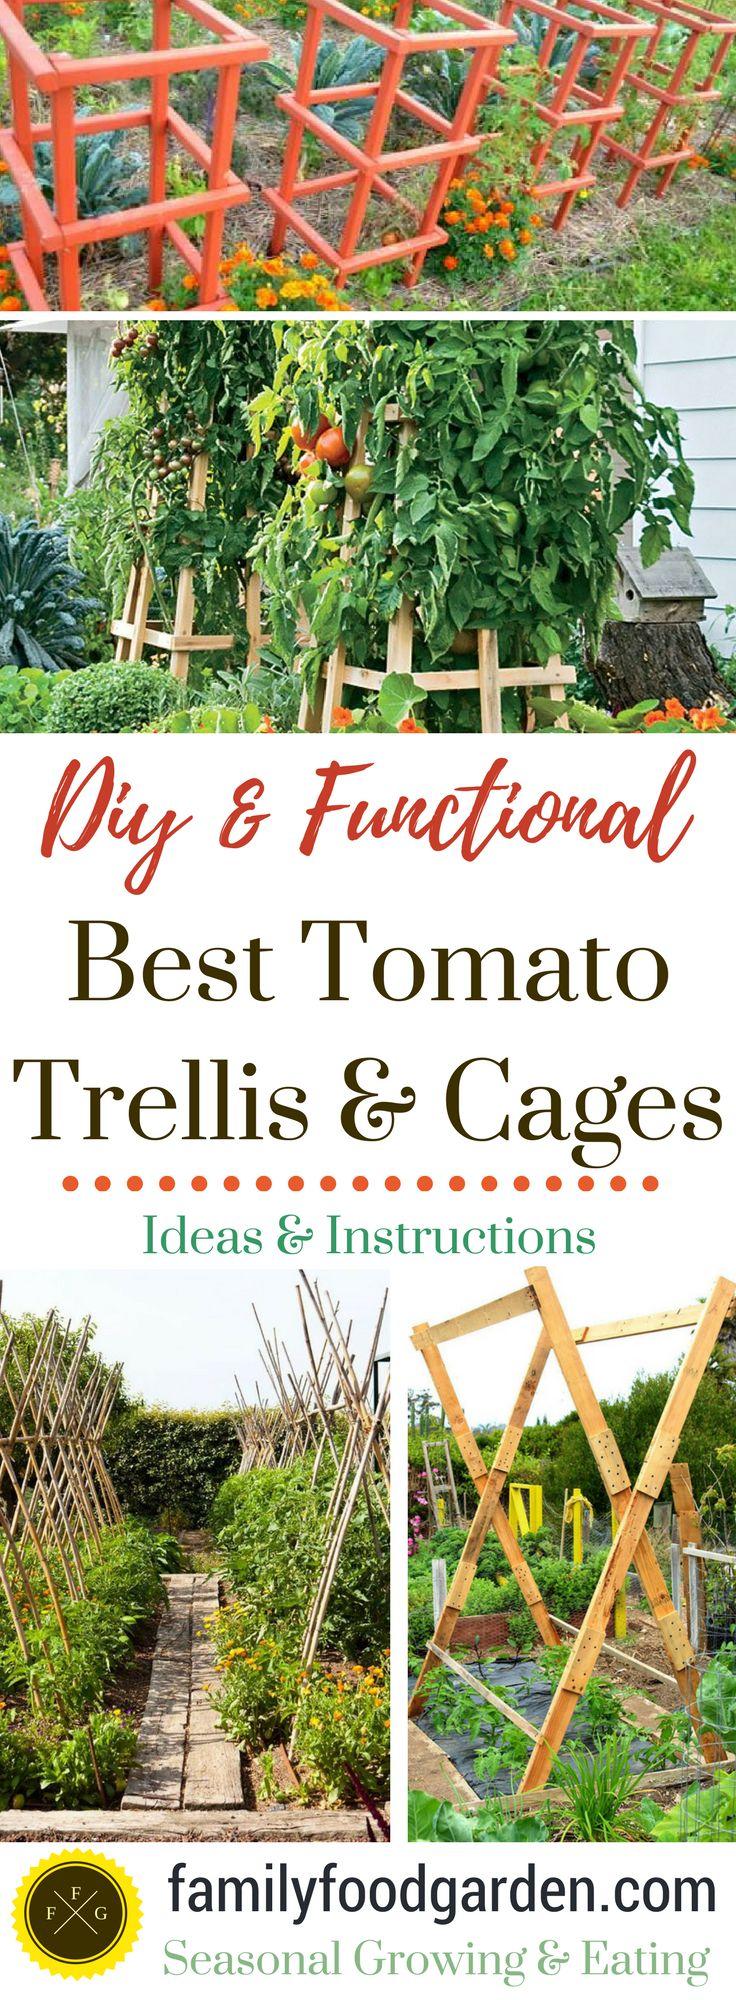 Best DIY tomato trellis & cages